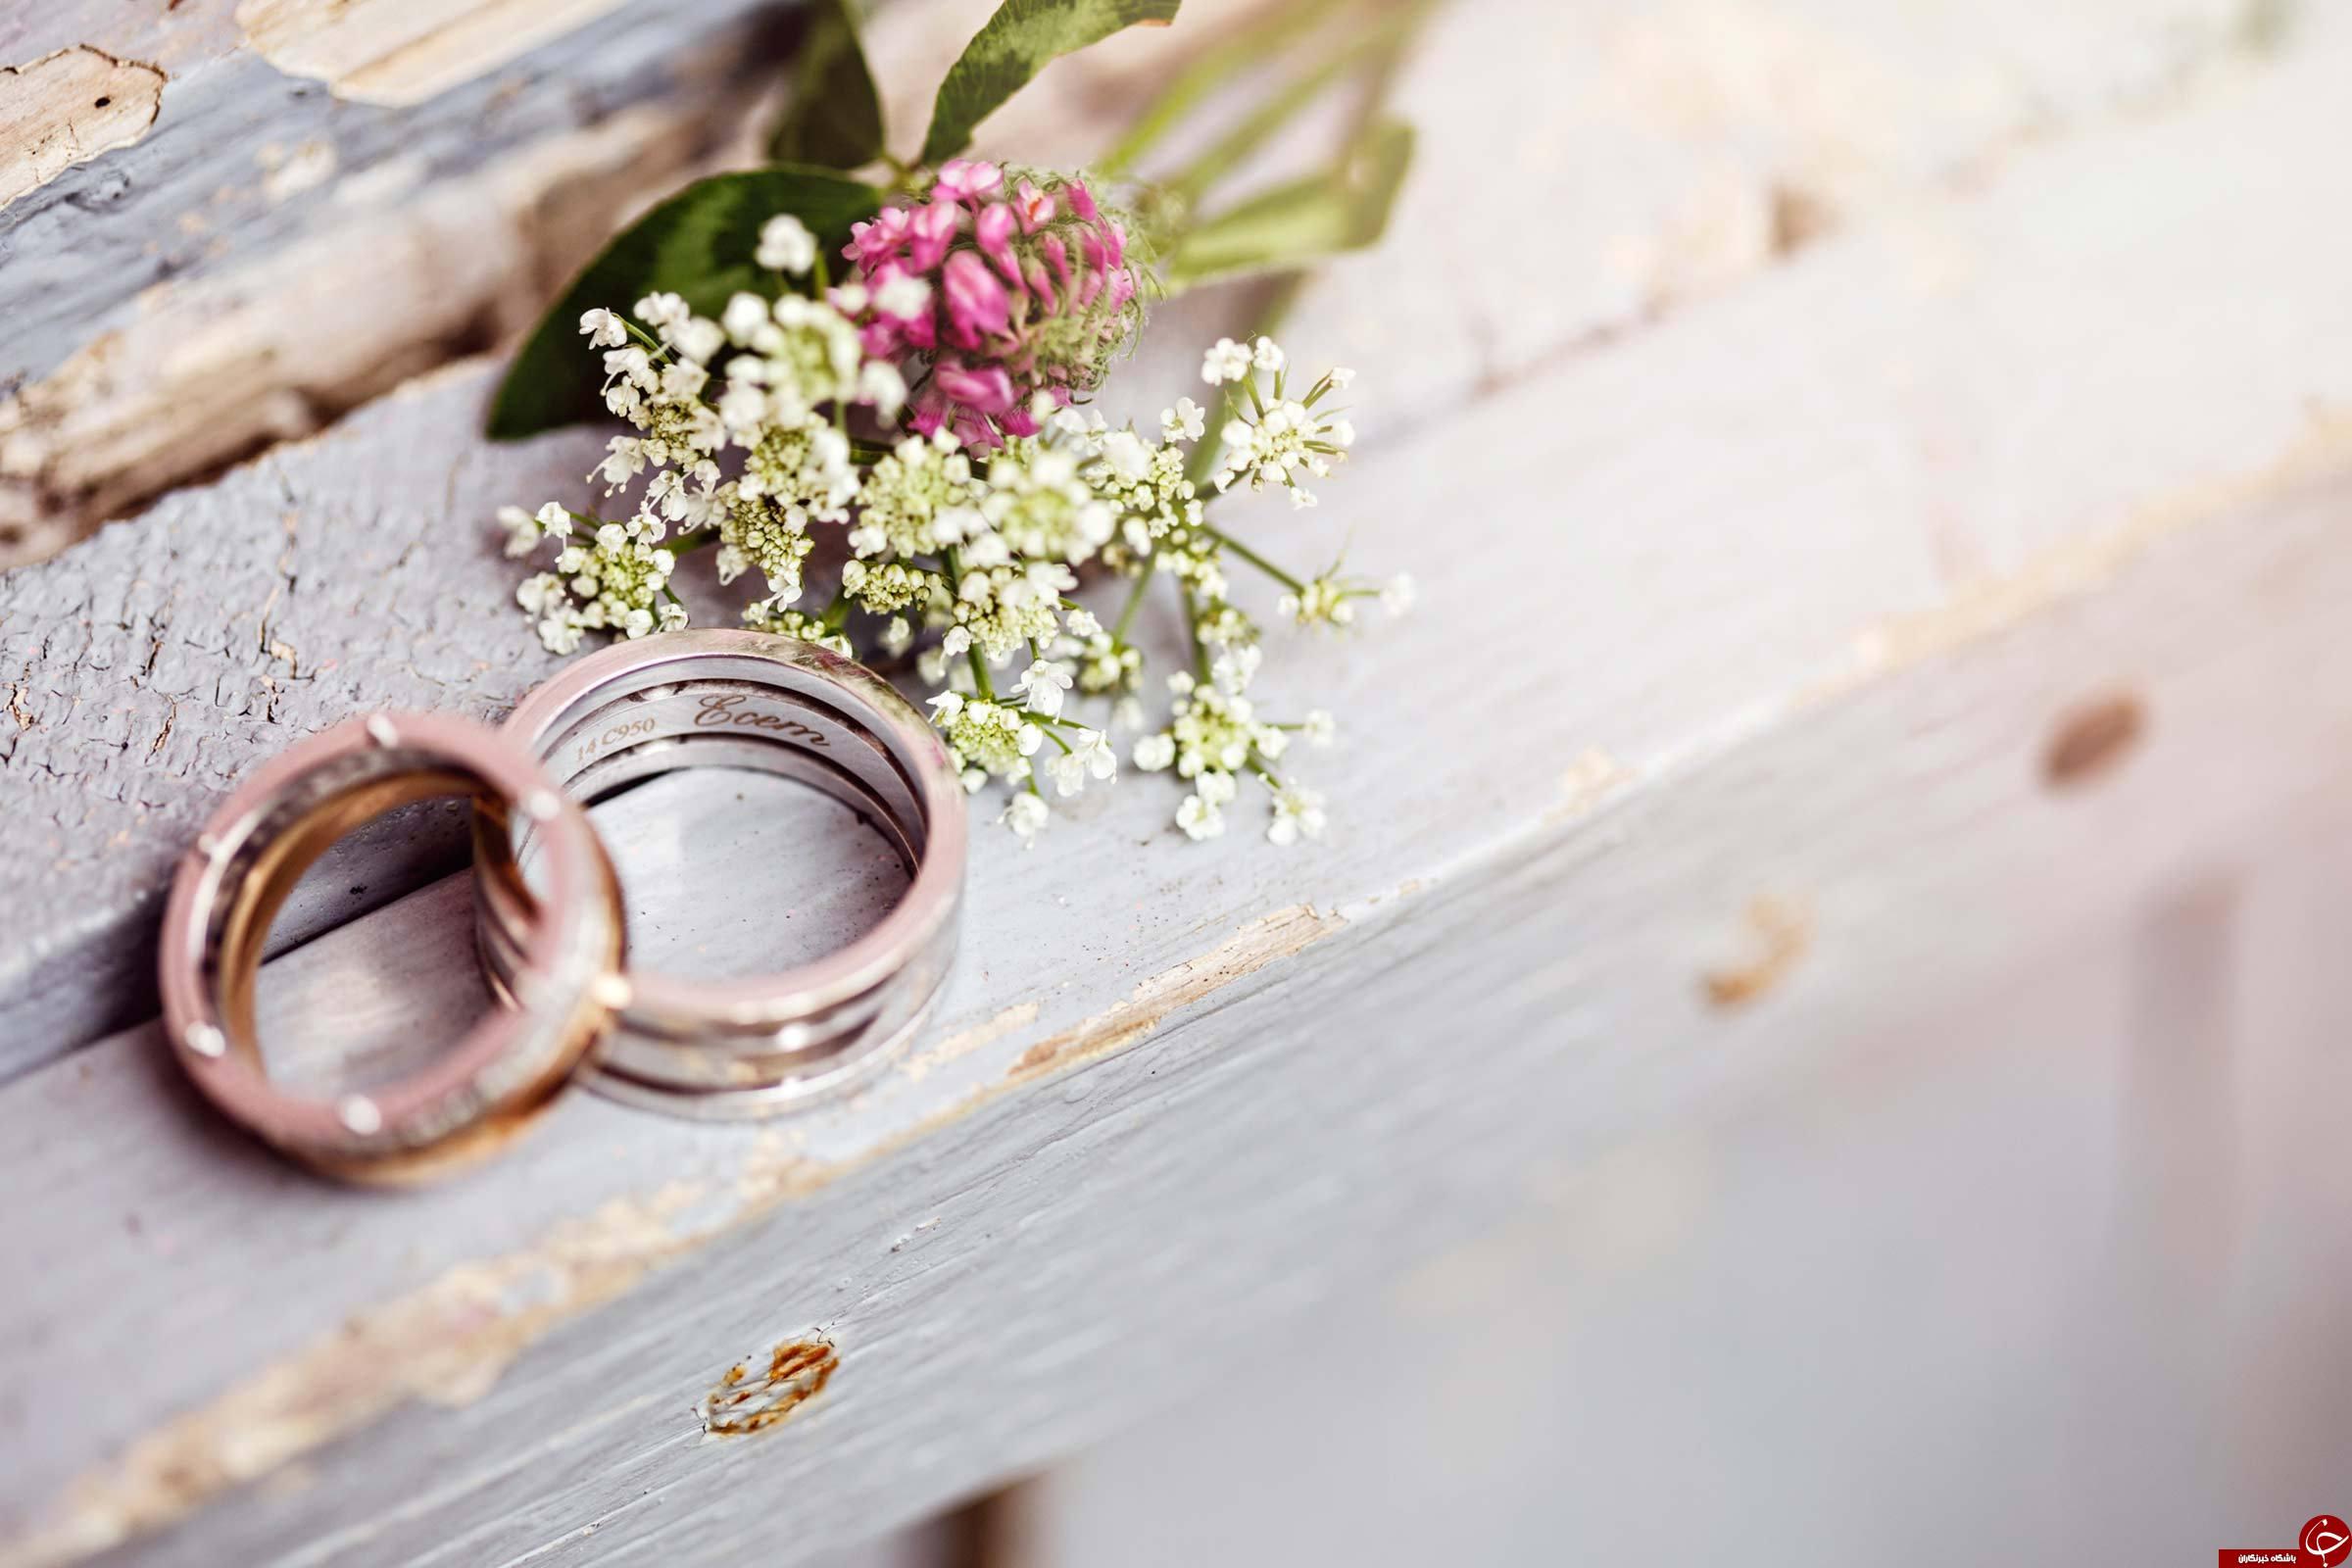 چگونه یارانه خود را جدا کنیم؟ روش جدا کردن یارانه پس از ازدواج